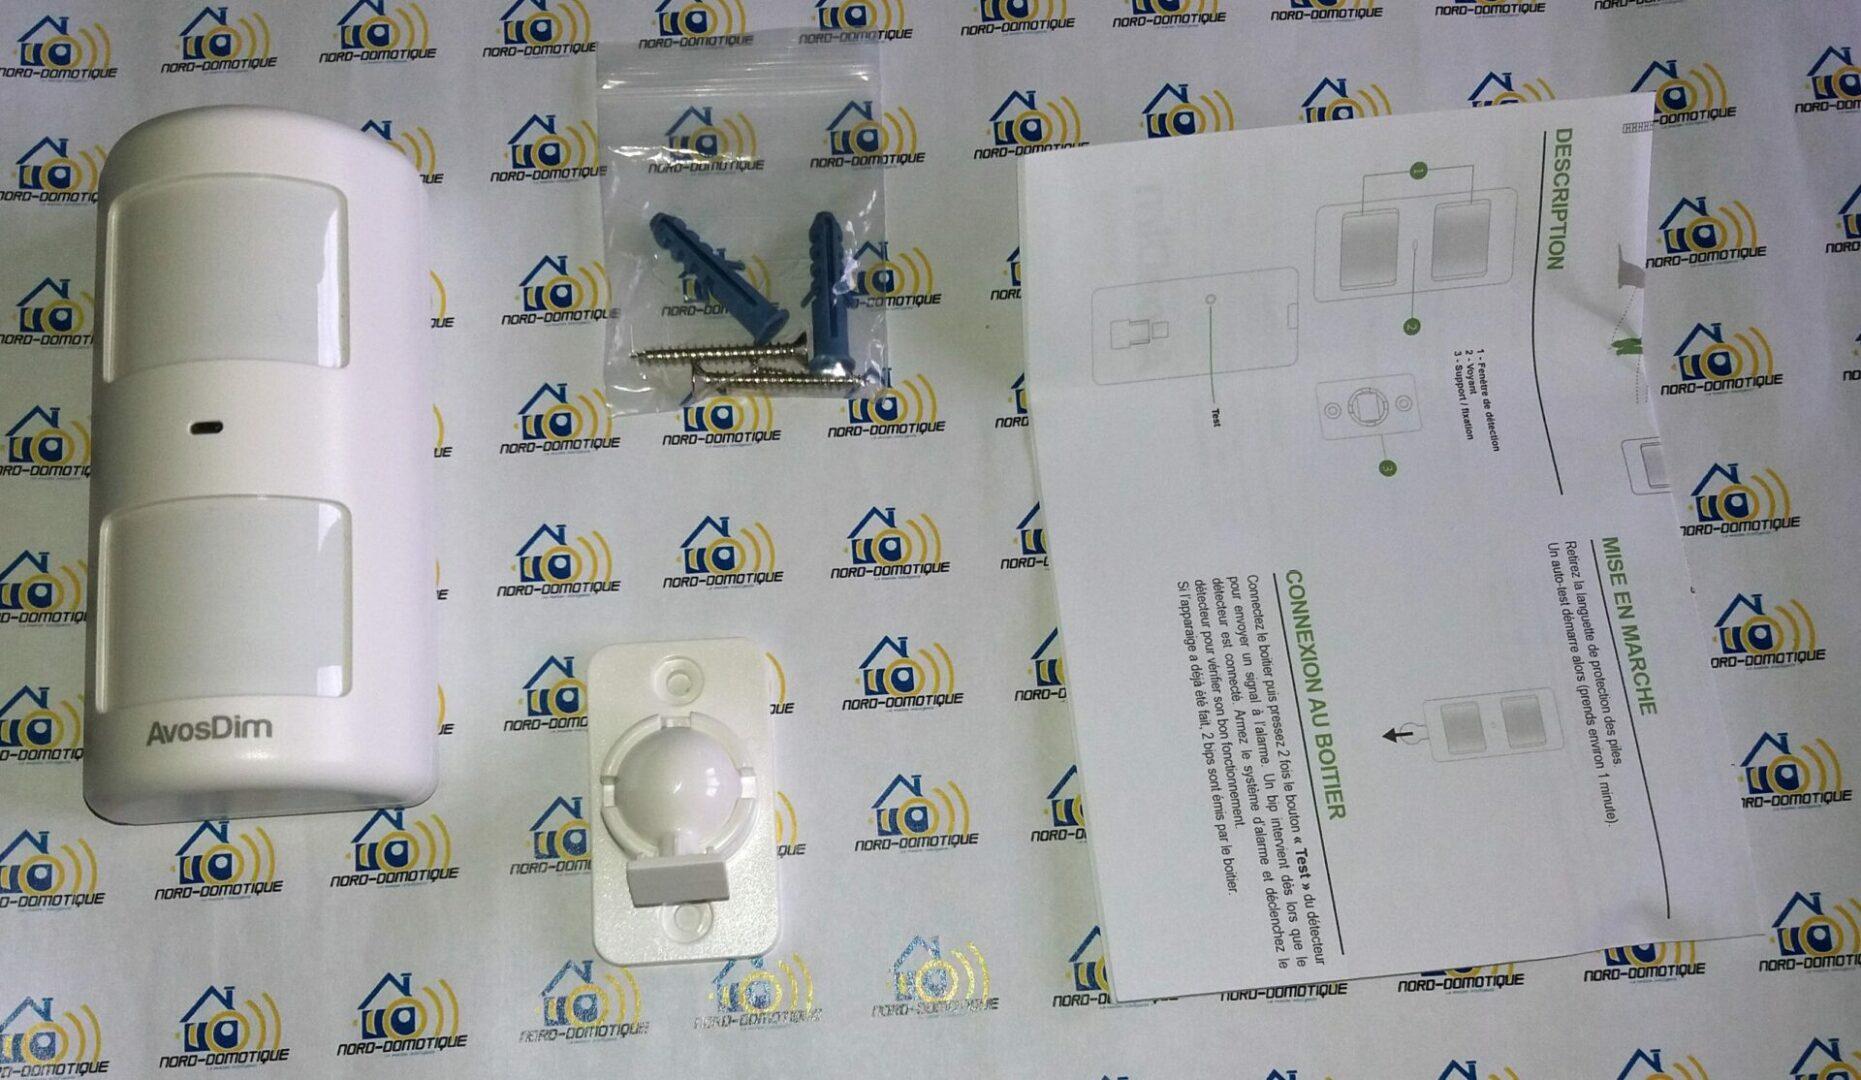 04-1 Découverte des différents détecteurs pour l'alarme Avosdim Serenity